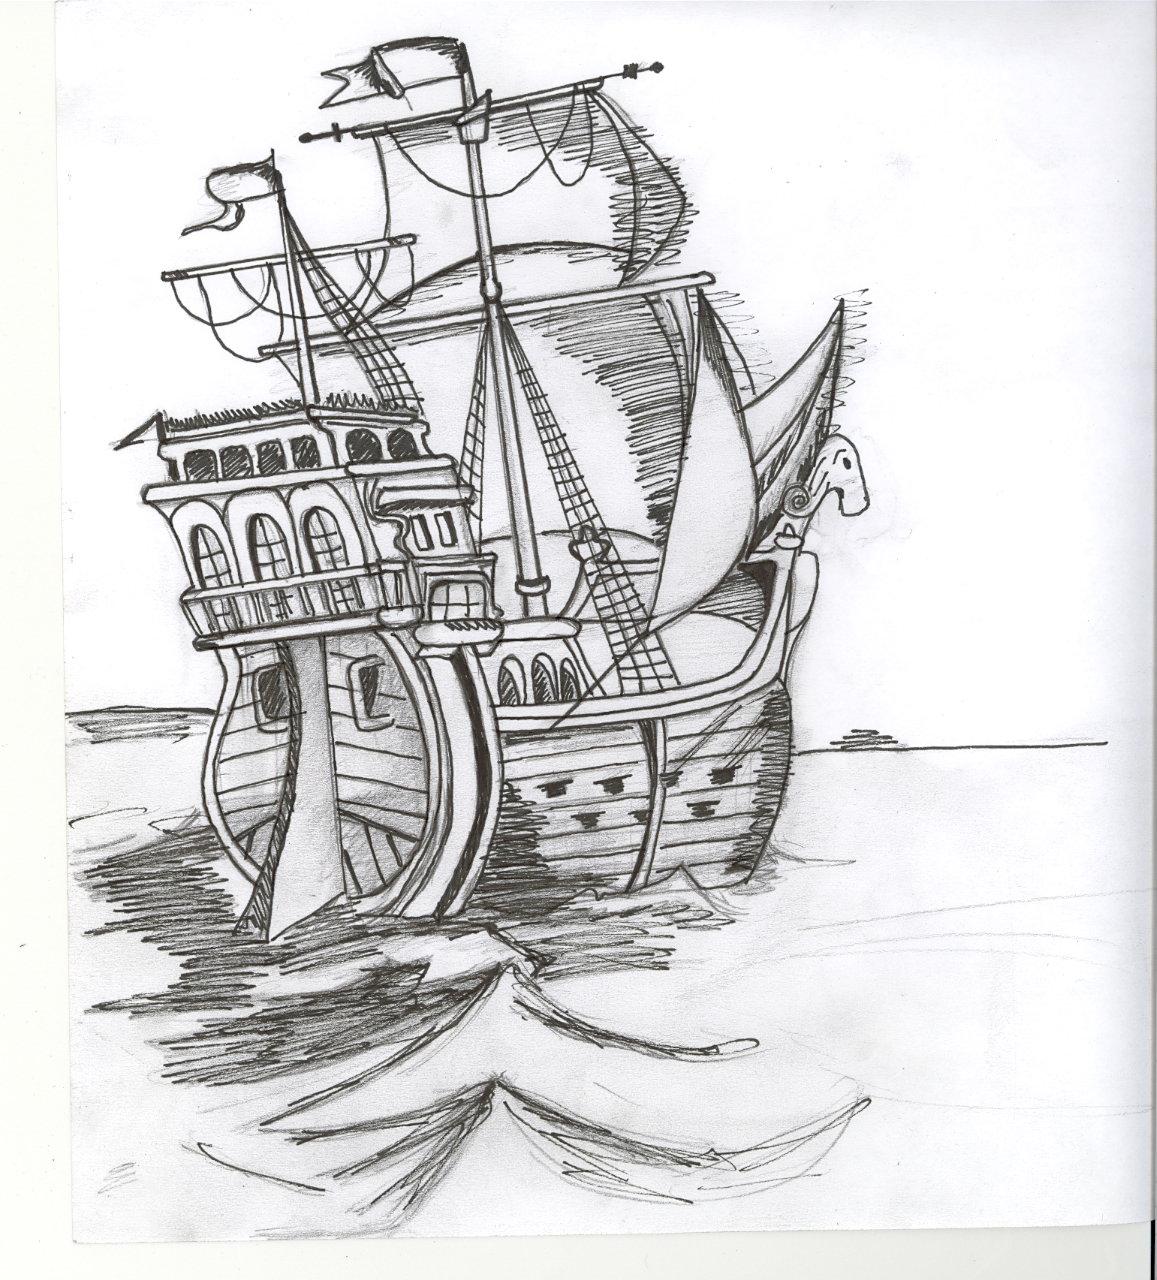 Dessins en couleurs imprimer bateau num ro 14921 - Dessin de bateau facile ...